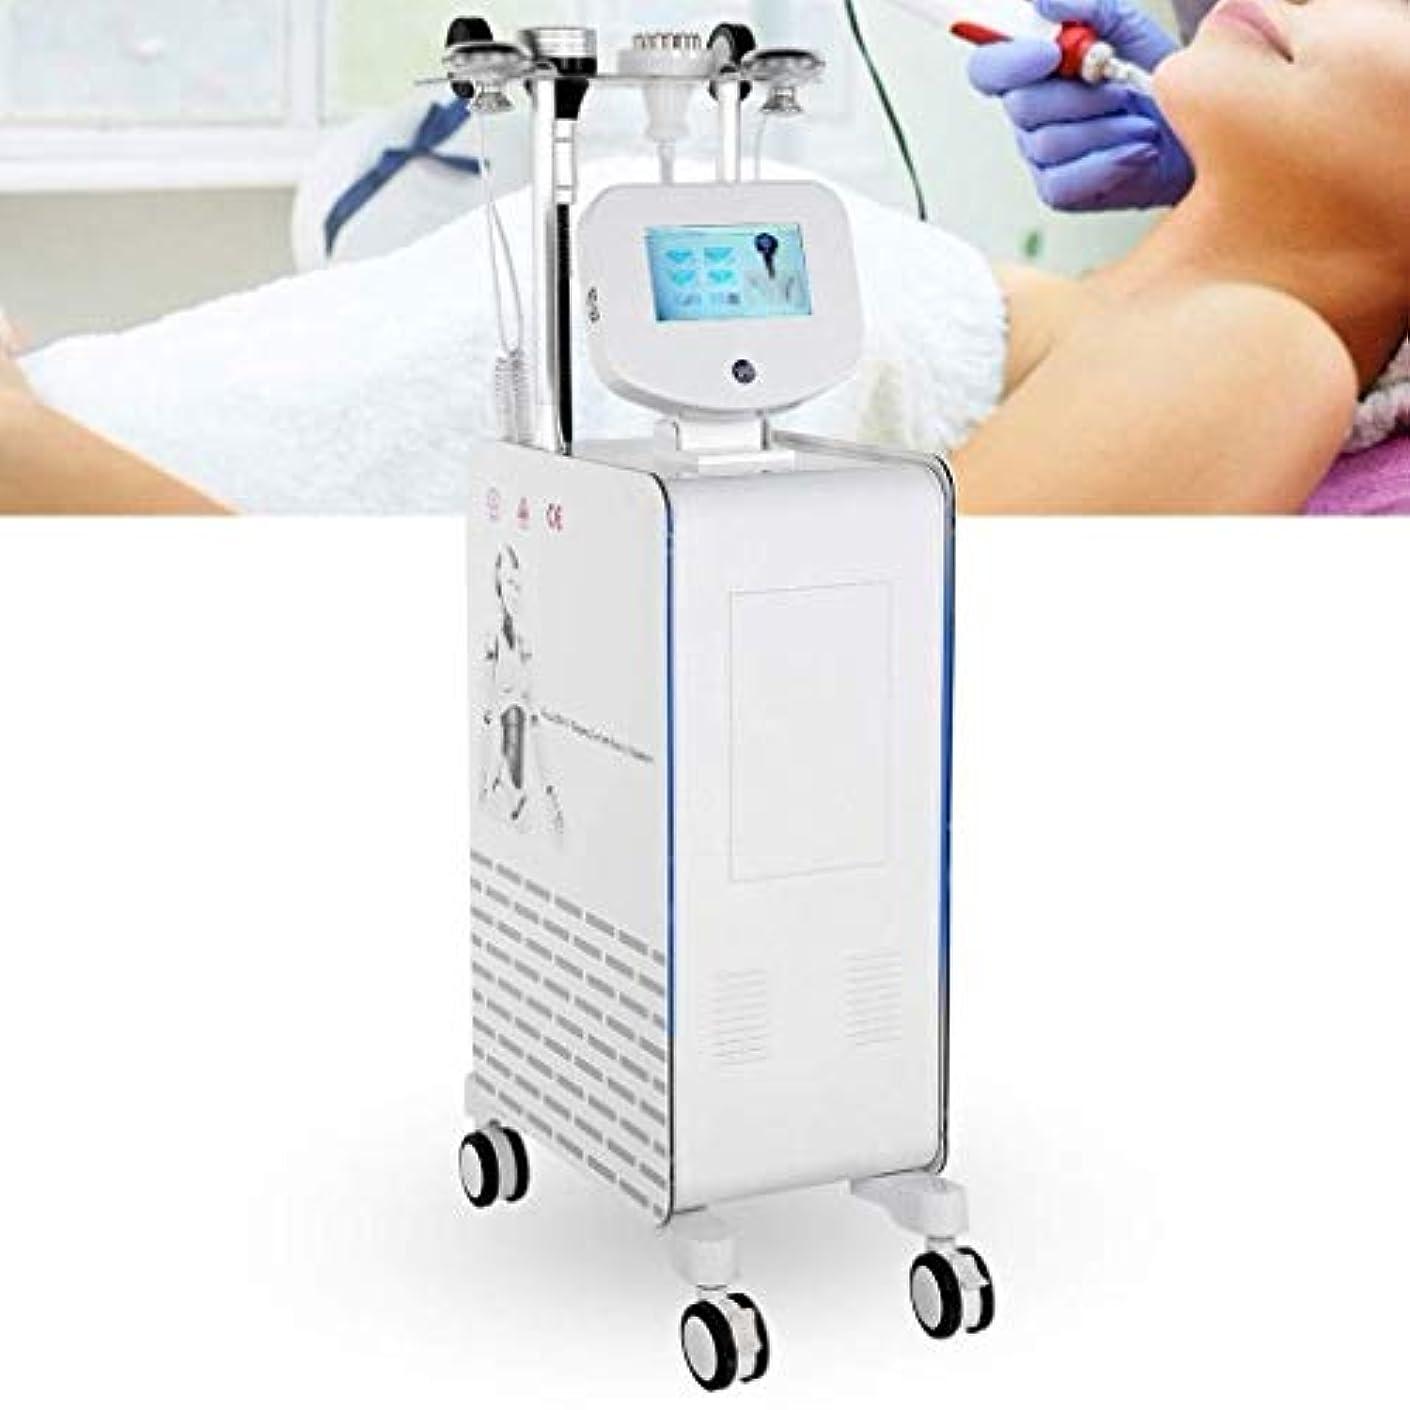 スキャン平和的感性脂肪吸引機ボディシェイパー減量、多機能美容器具鍼廃棄経絡ed装置